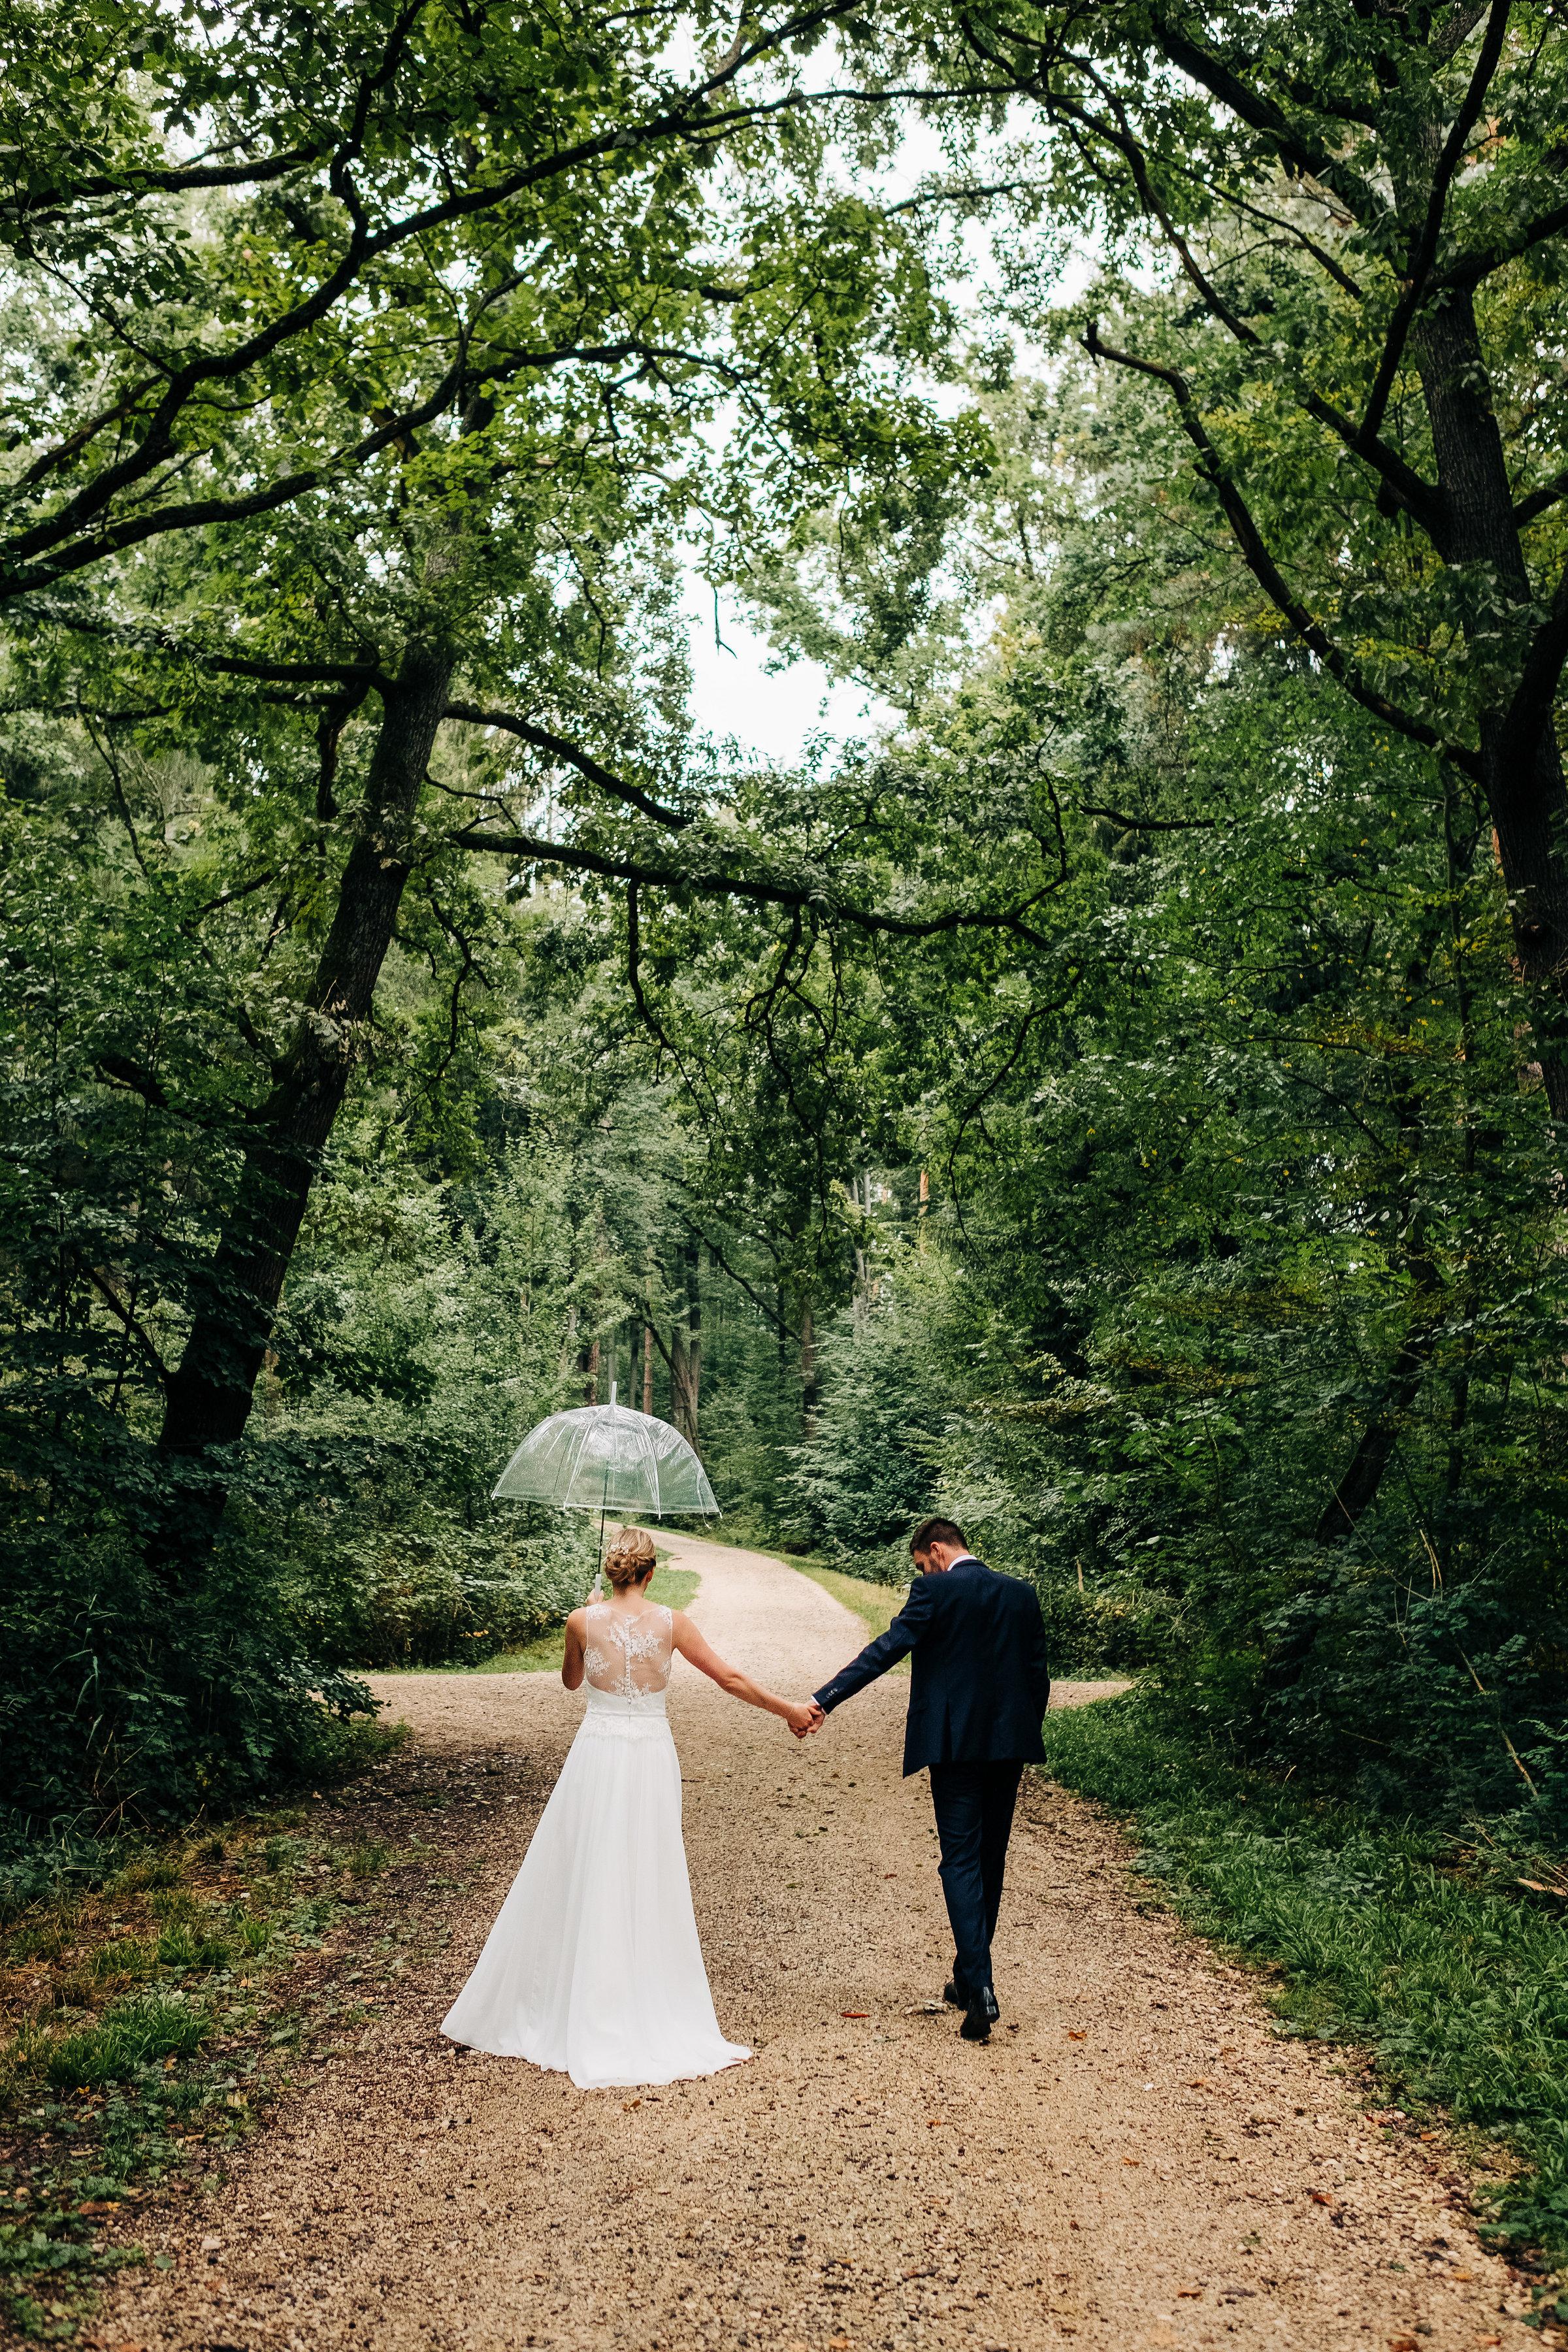 Anna-Hari-Photography-Hochzeitsfotografie-U&H-260.jpg